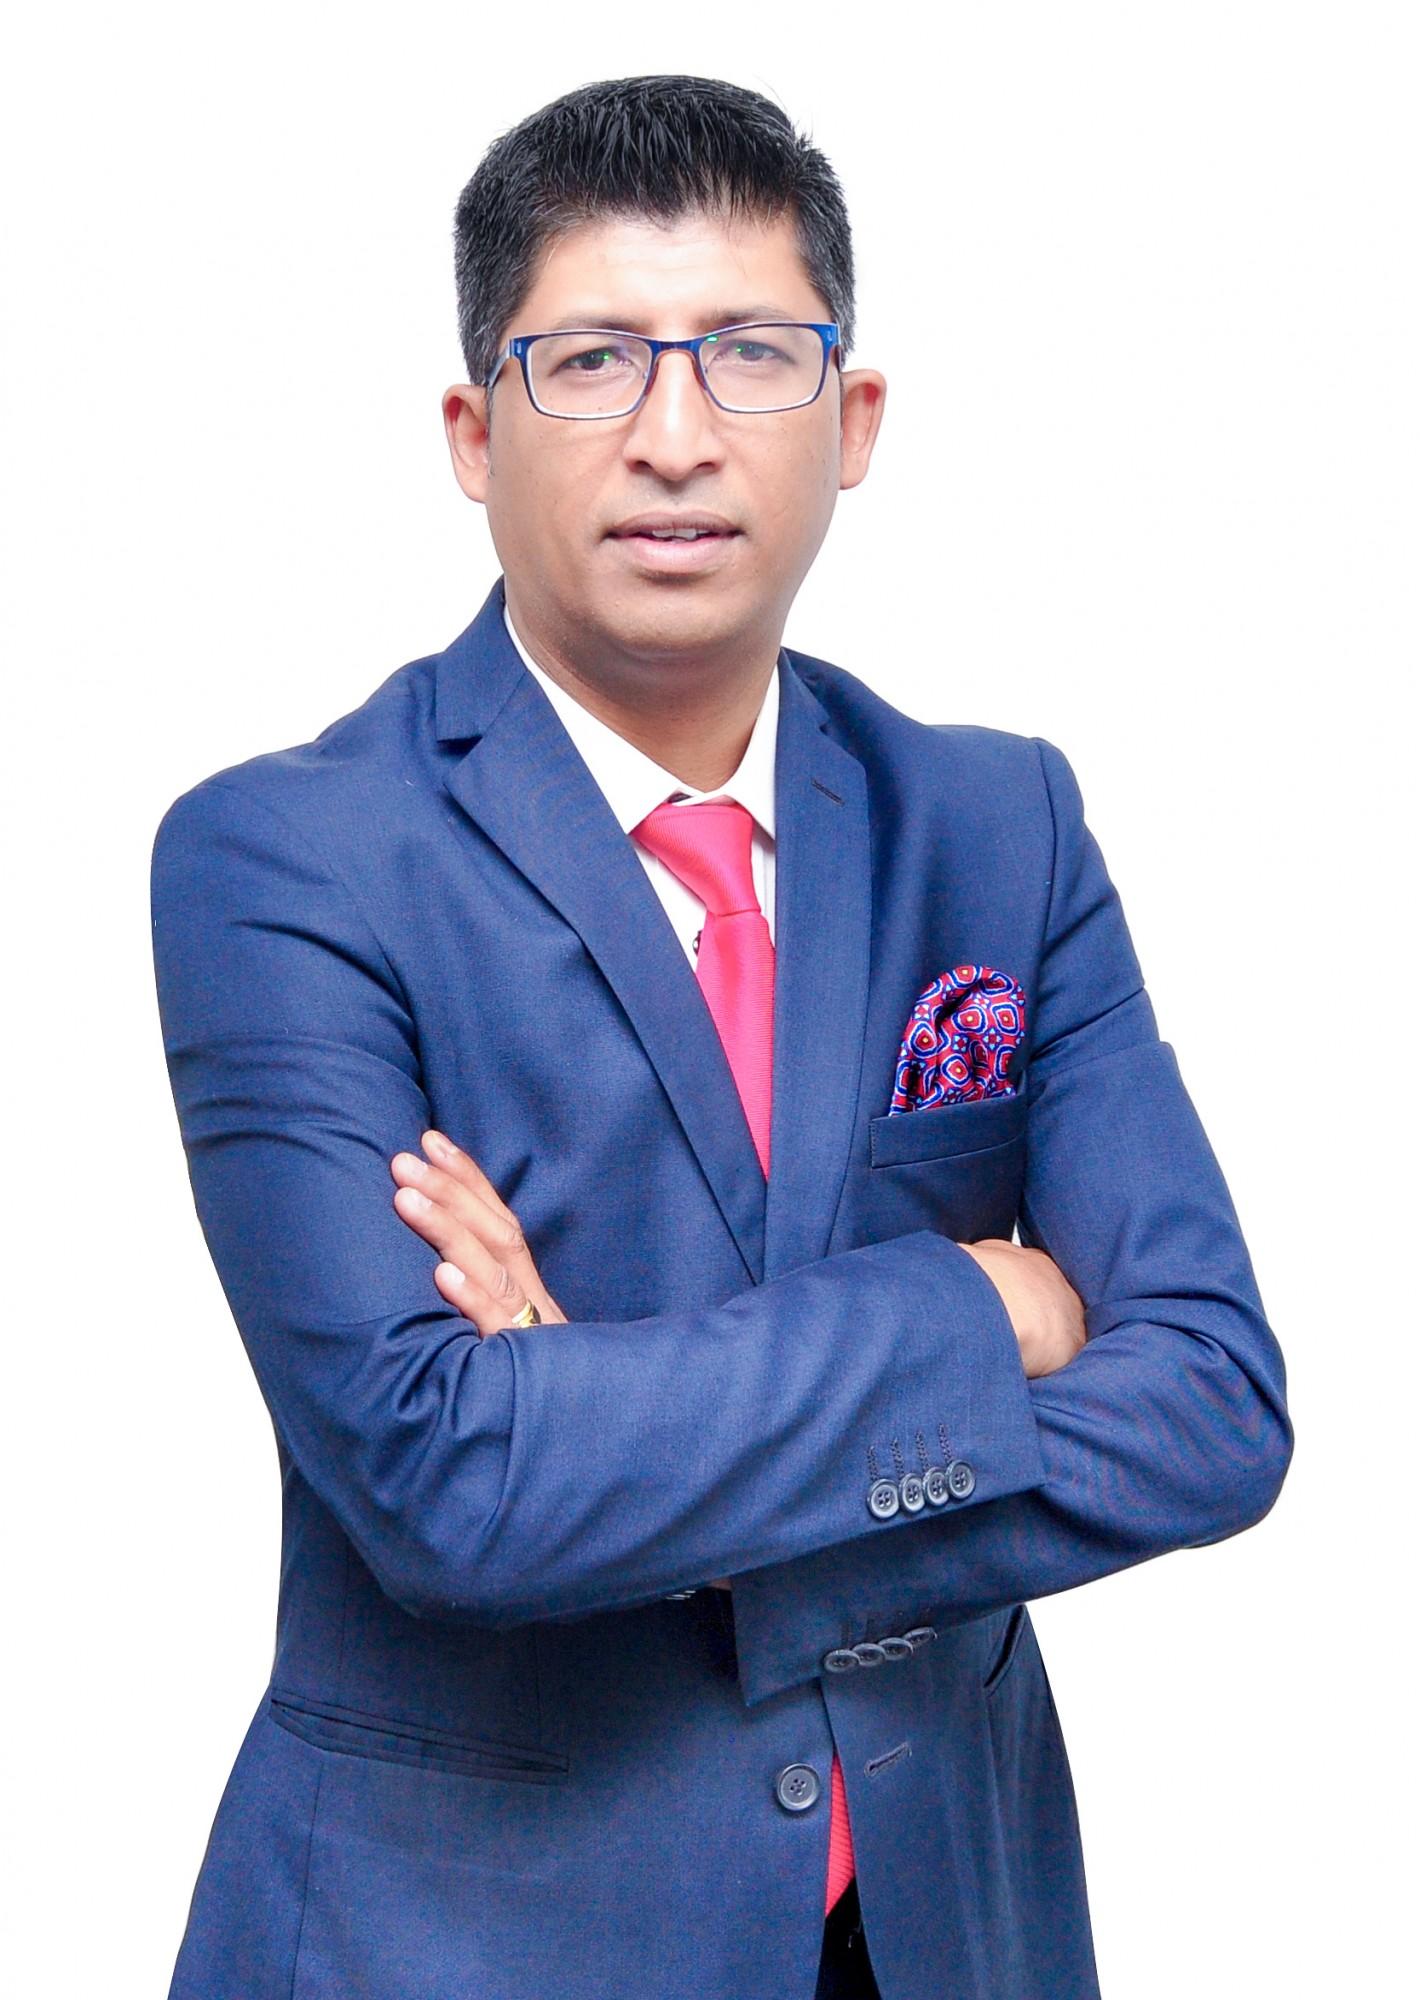 Saurabh Agarwal